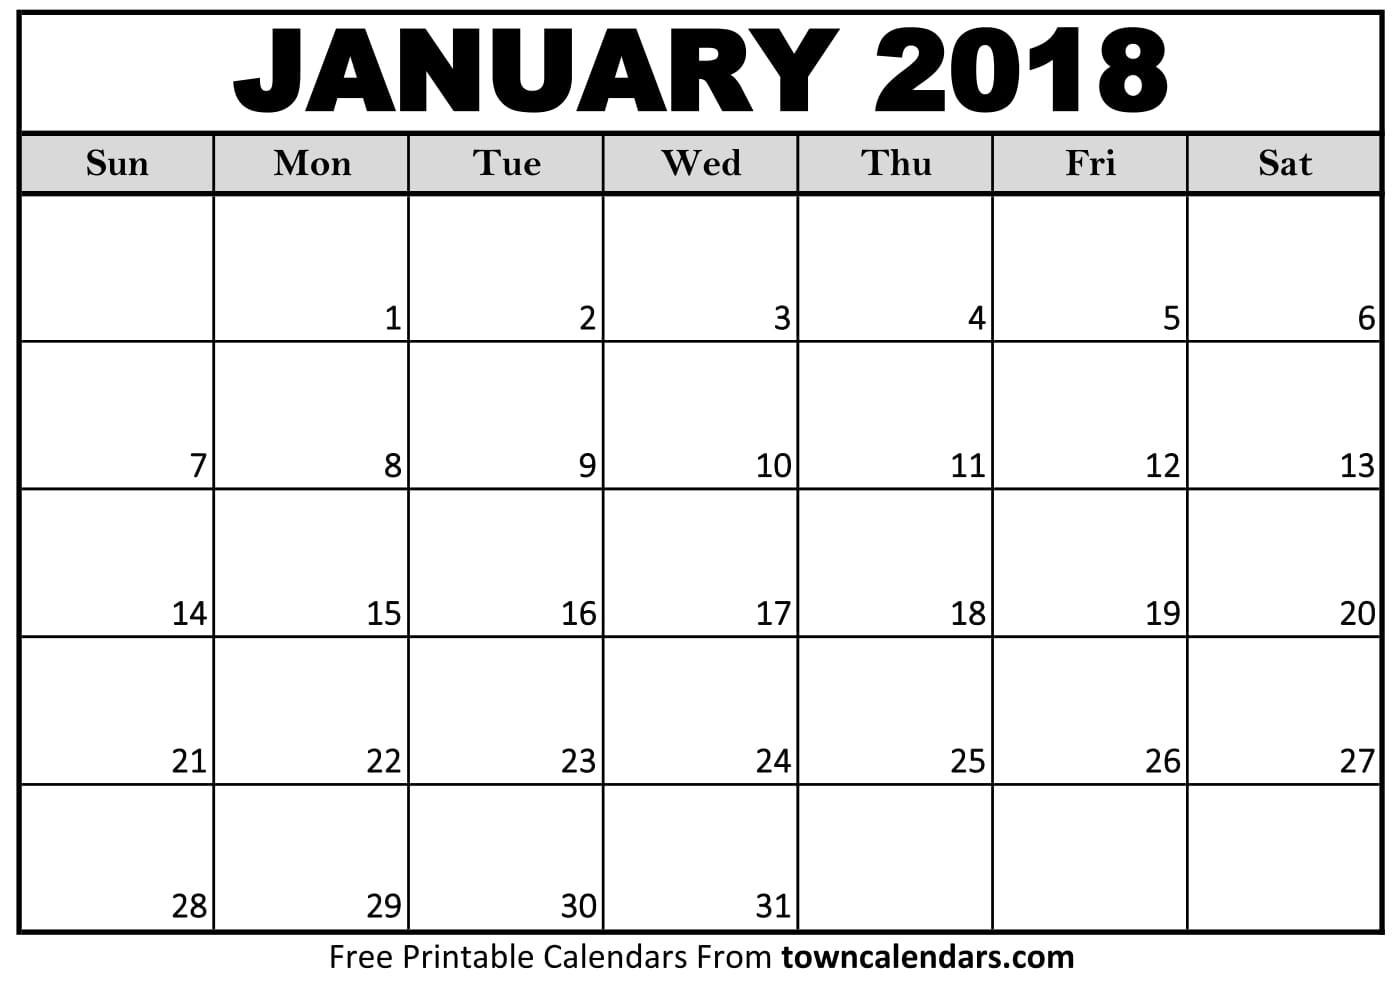 Free Printable Calendars Com 2018 Calendar Printable towncalendars